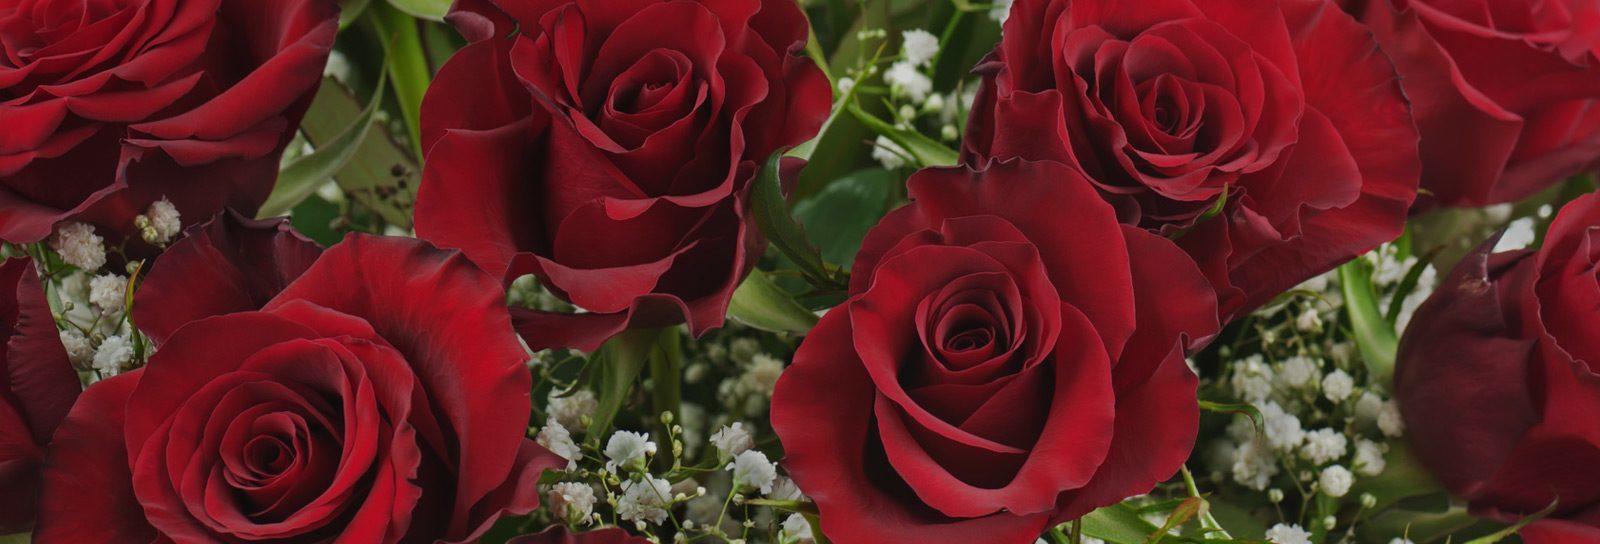 rose-laiuola